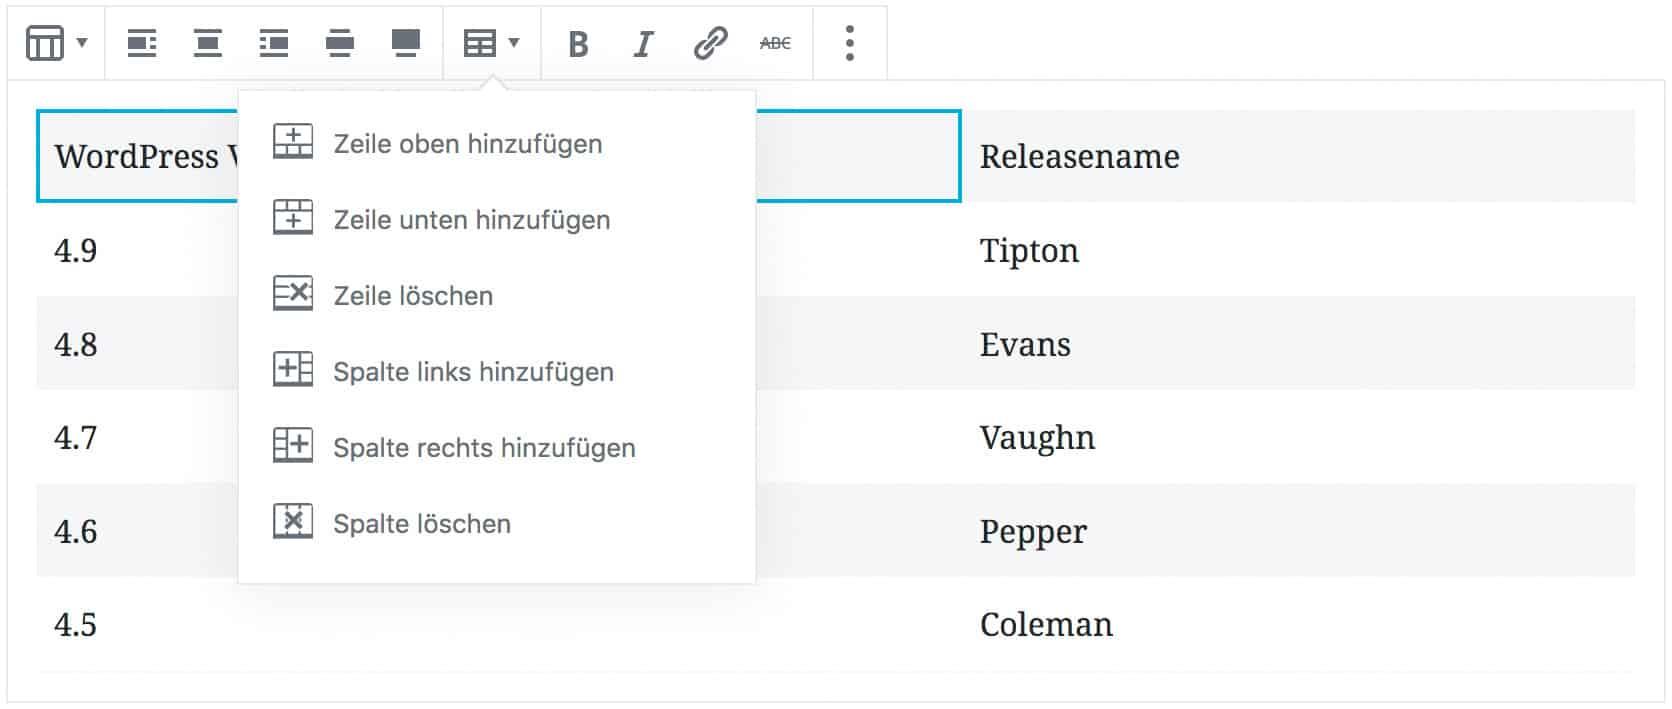 Screenshot des Tabellen-Blocks, nachdem Inhalt hinzugefügt wurde. In zwei Spalten sind 6 Reihen mit den WordPress Versionsnummern und dem dazugehörigen Releasenamen dargestellt. Die Tabelle hat keinen Rahmen, die Zeilen werden jeweils mit grauer und weißer Hintergrundfarbe dargestellt.